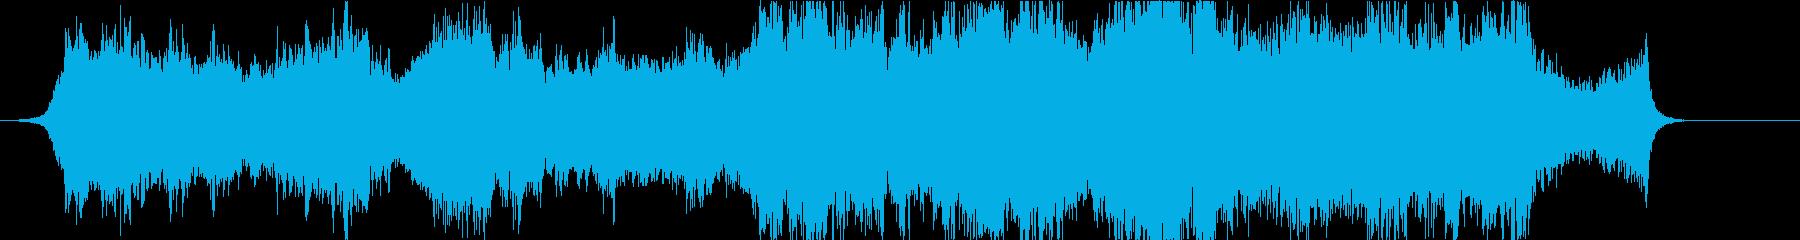 映画、壮大泣ける感動オーケストラハーフaの再生済みの波形